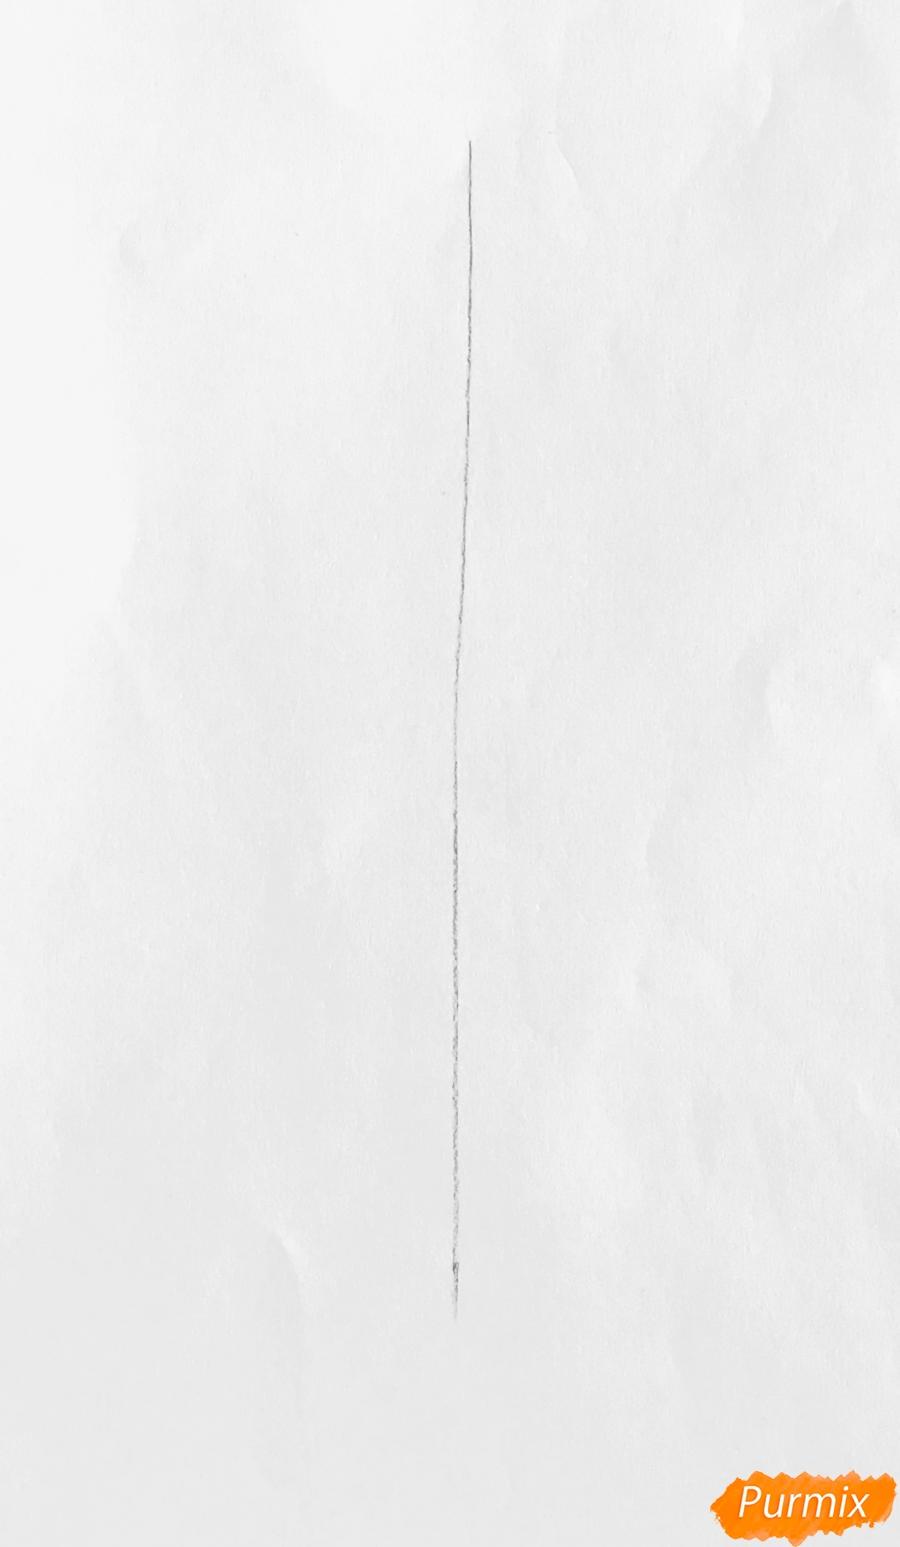 Рисуем новогоднюю ёлку с колокольчиками - шаг 1